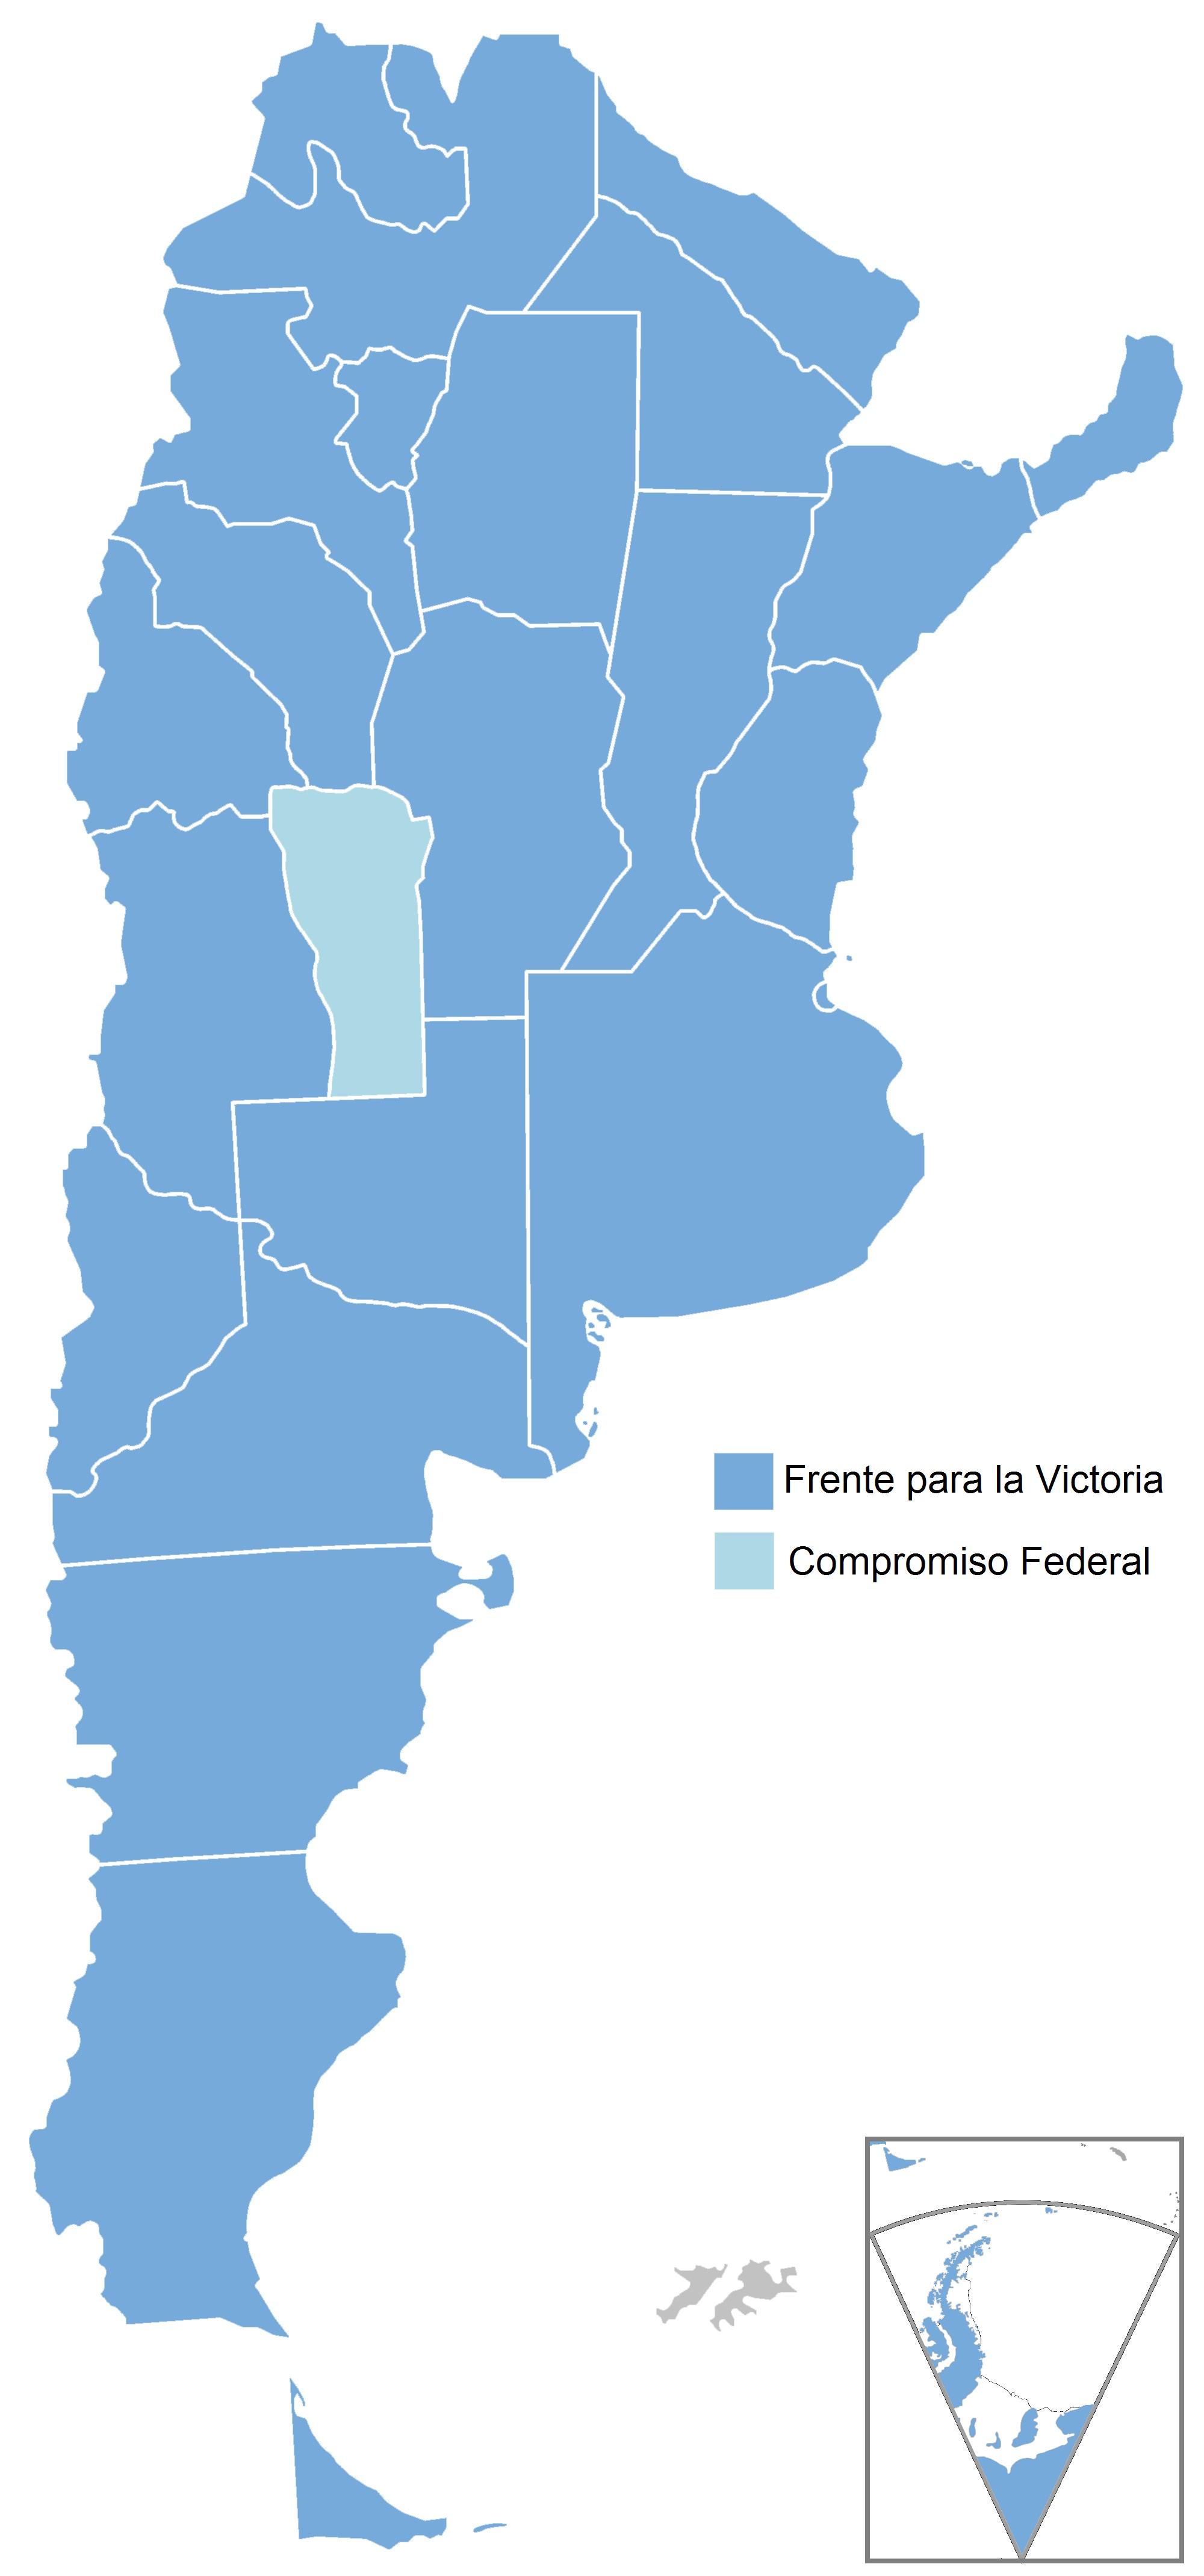 Mapa de las elecciones presidenciales de 2011